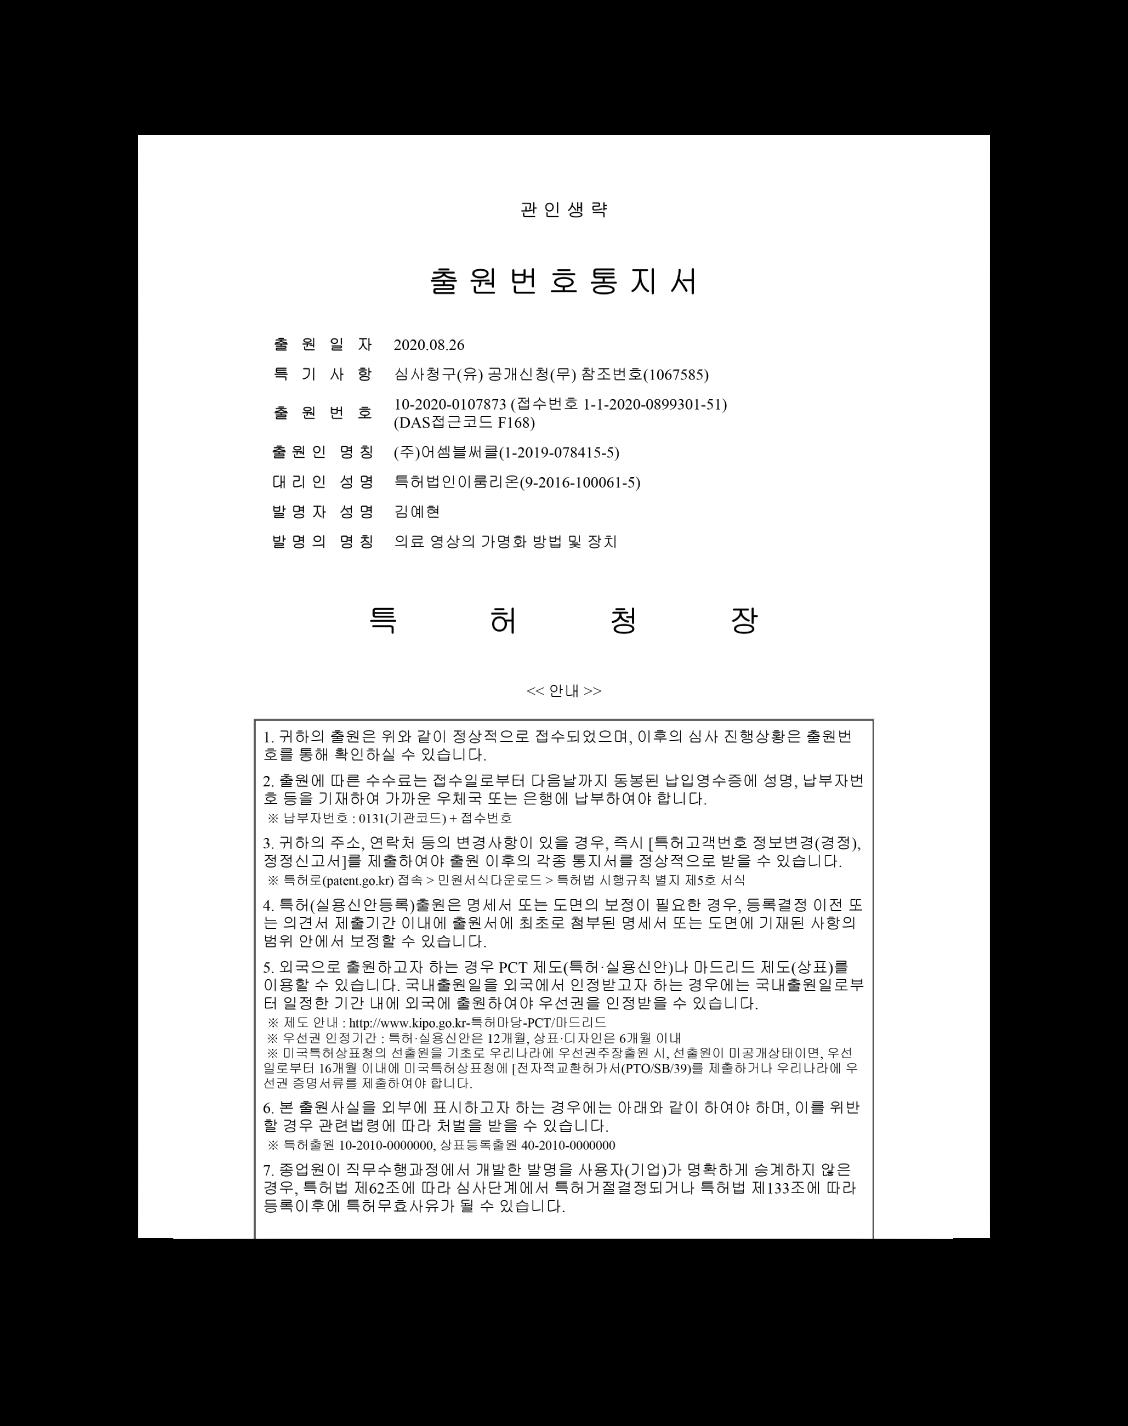 의료 영상의 가명화 방법 및 장치 국내 특허 출원